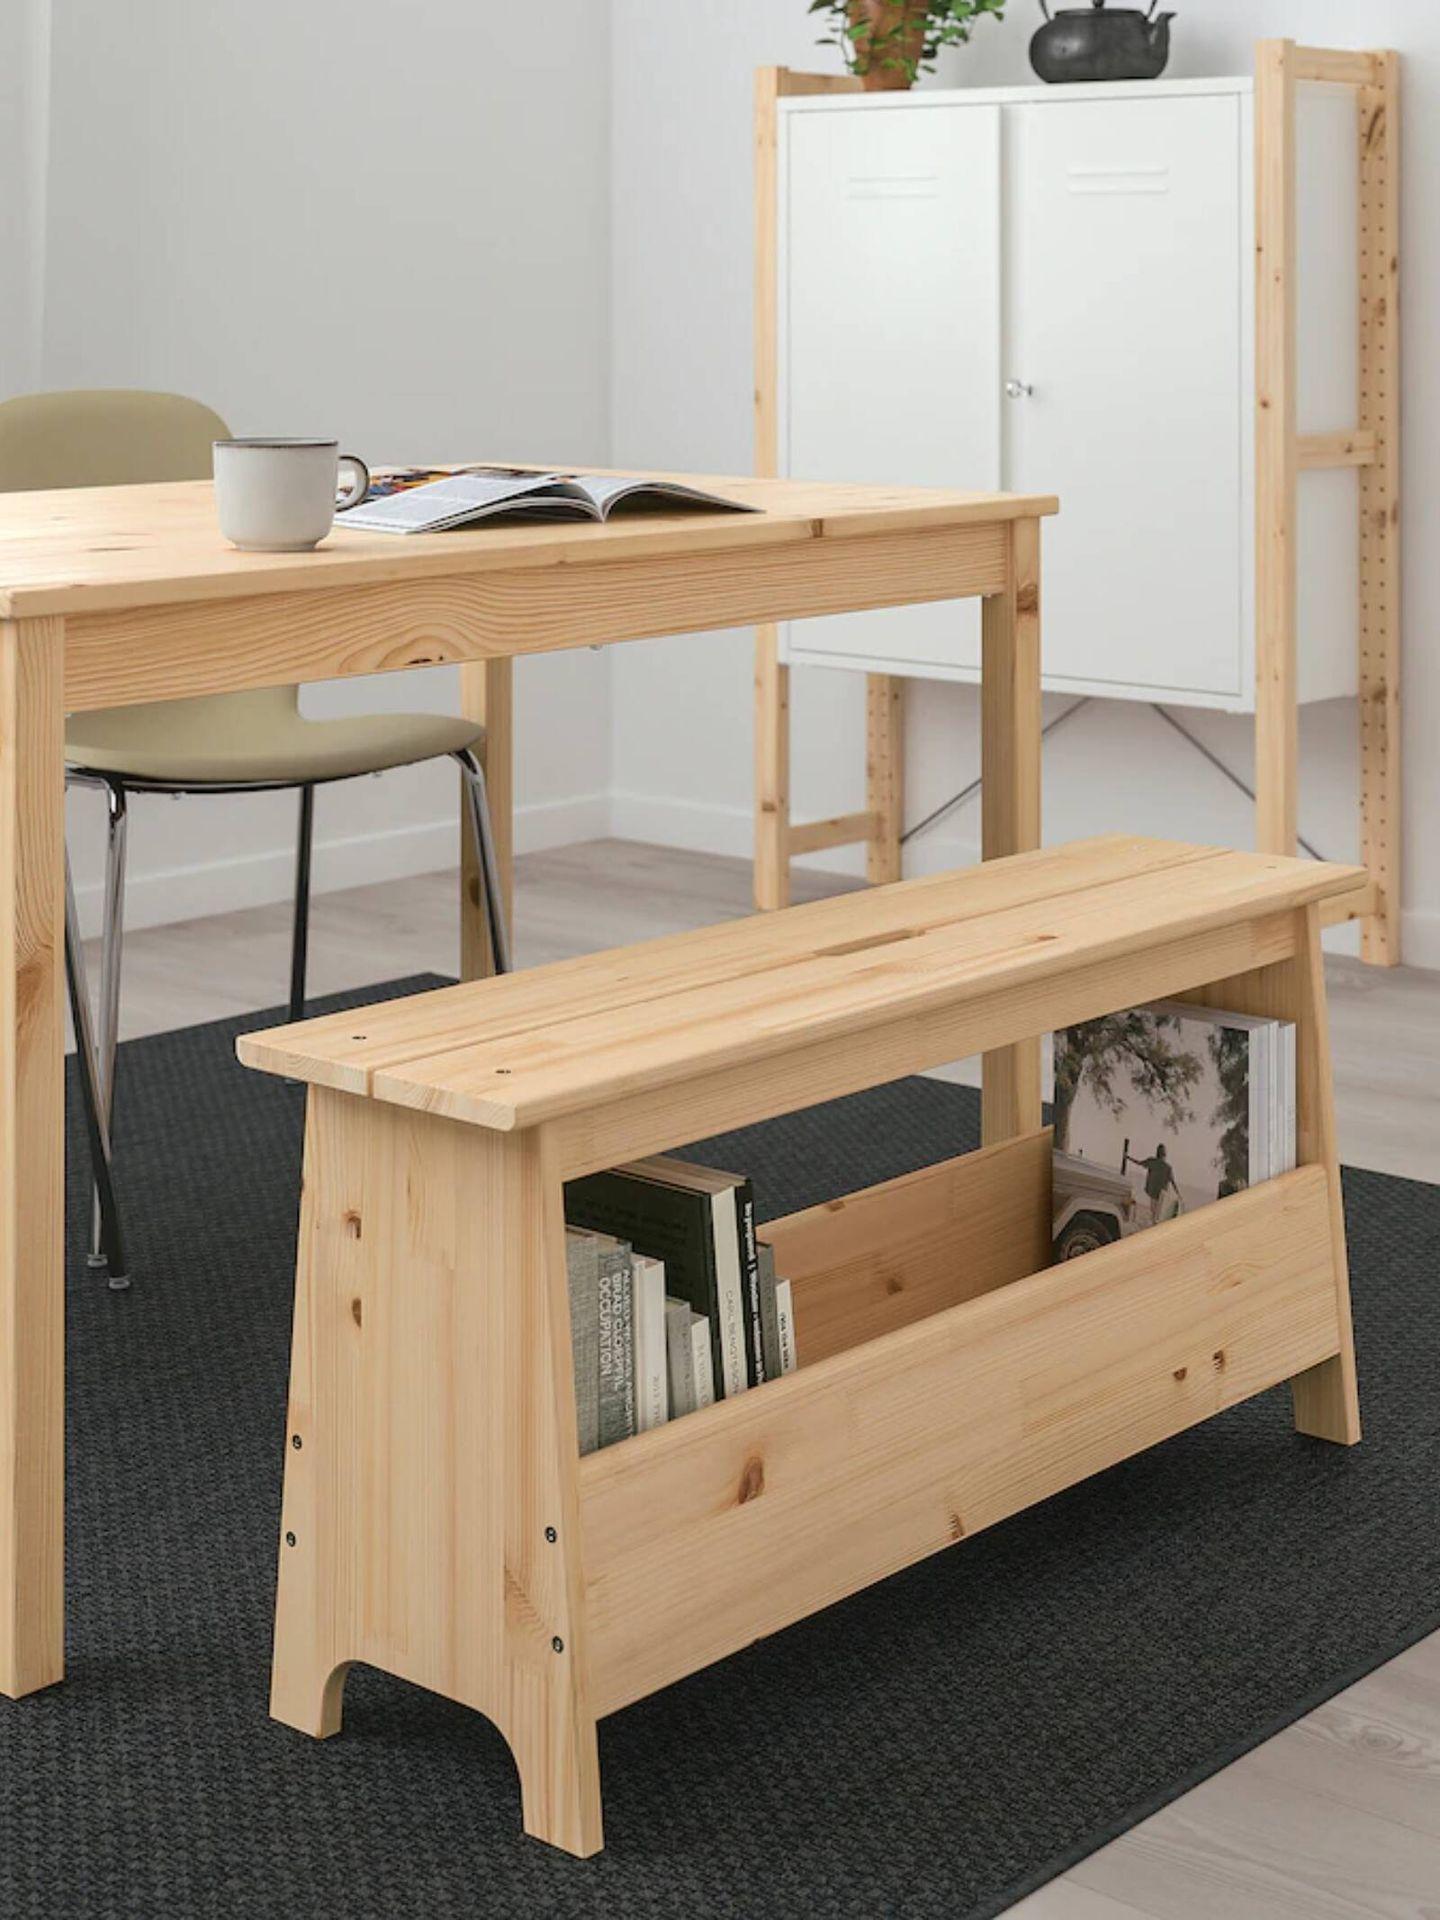 El banco de madera de Ikea ideal para cualquier estancia. (Cortesía)